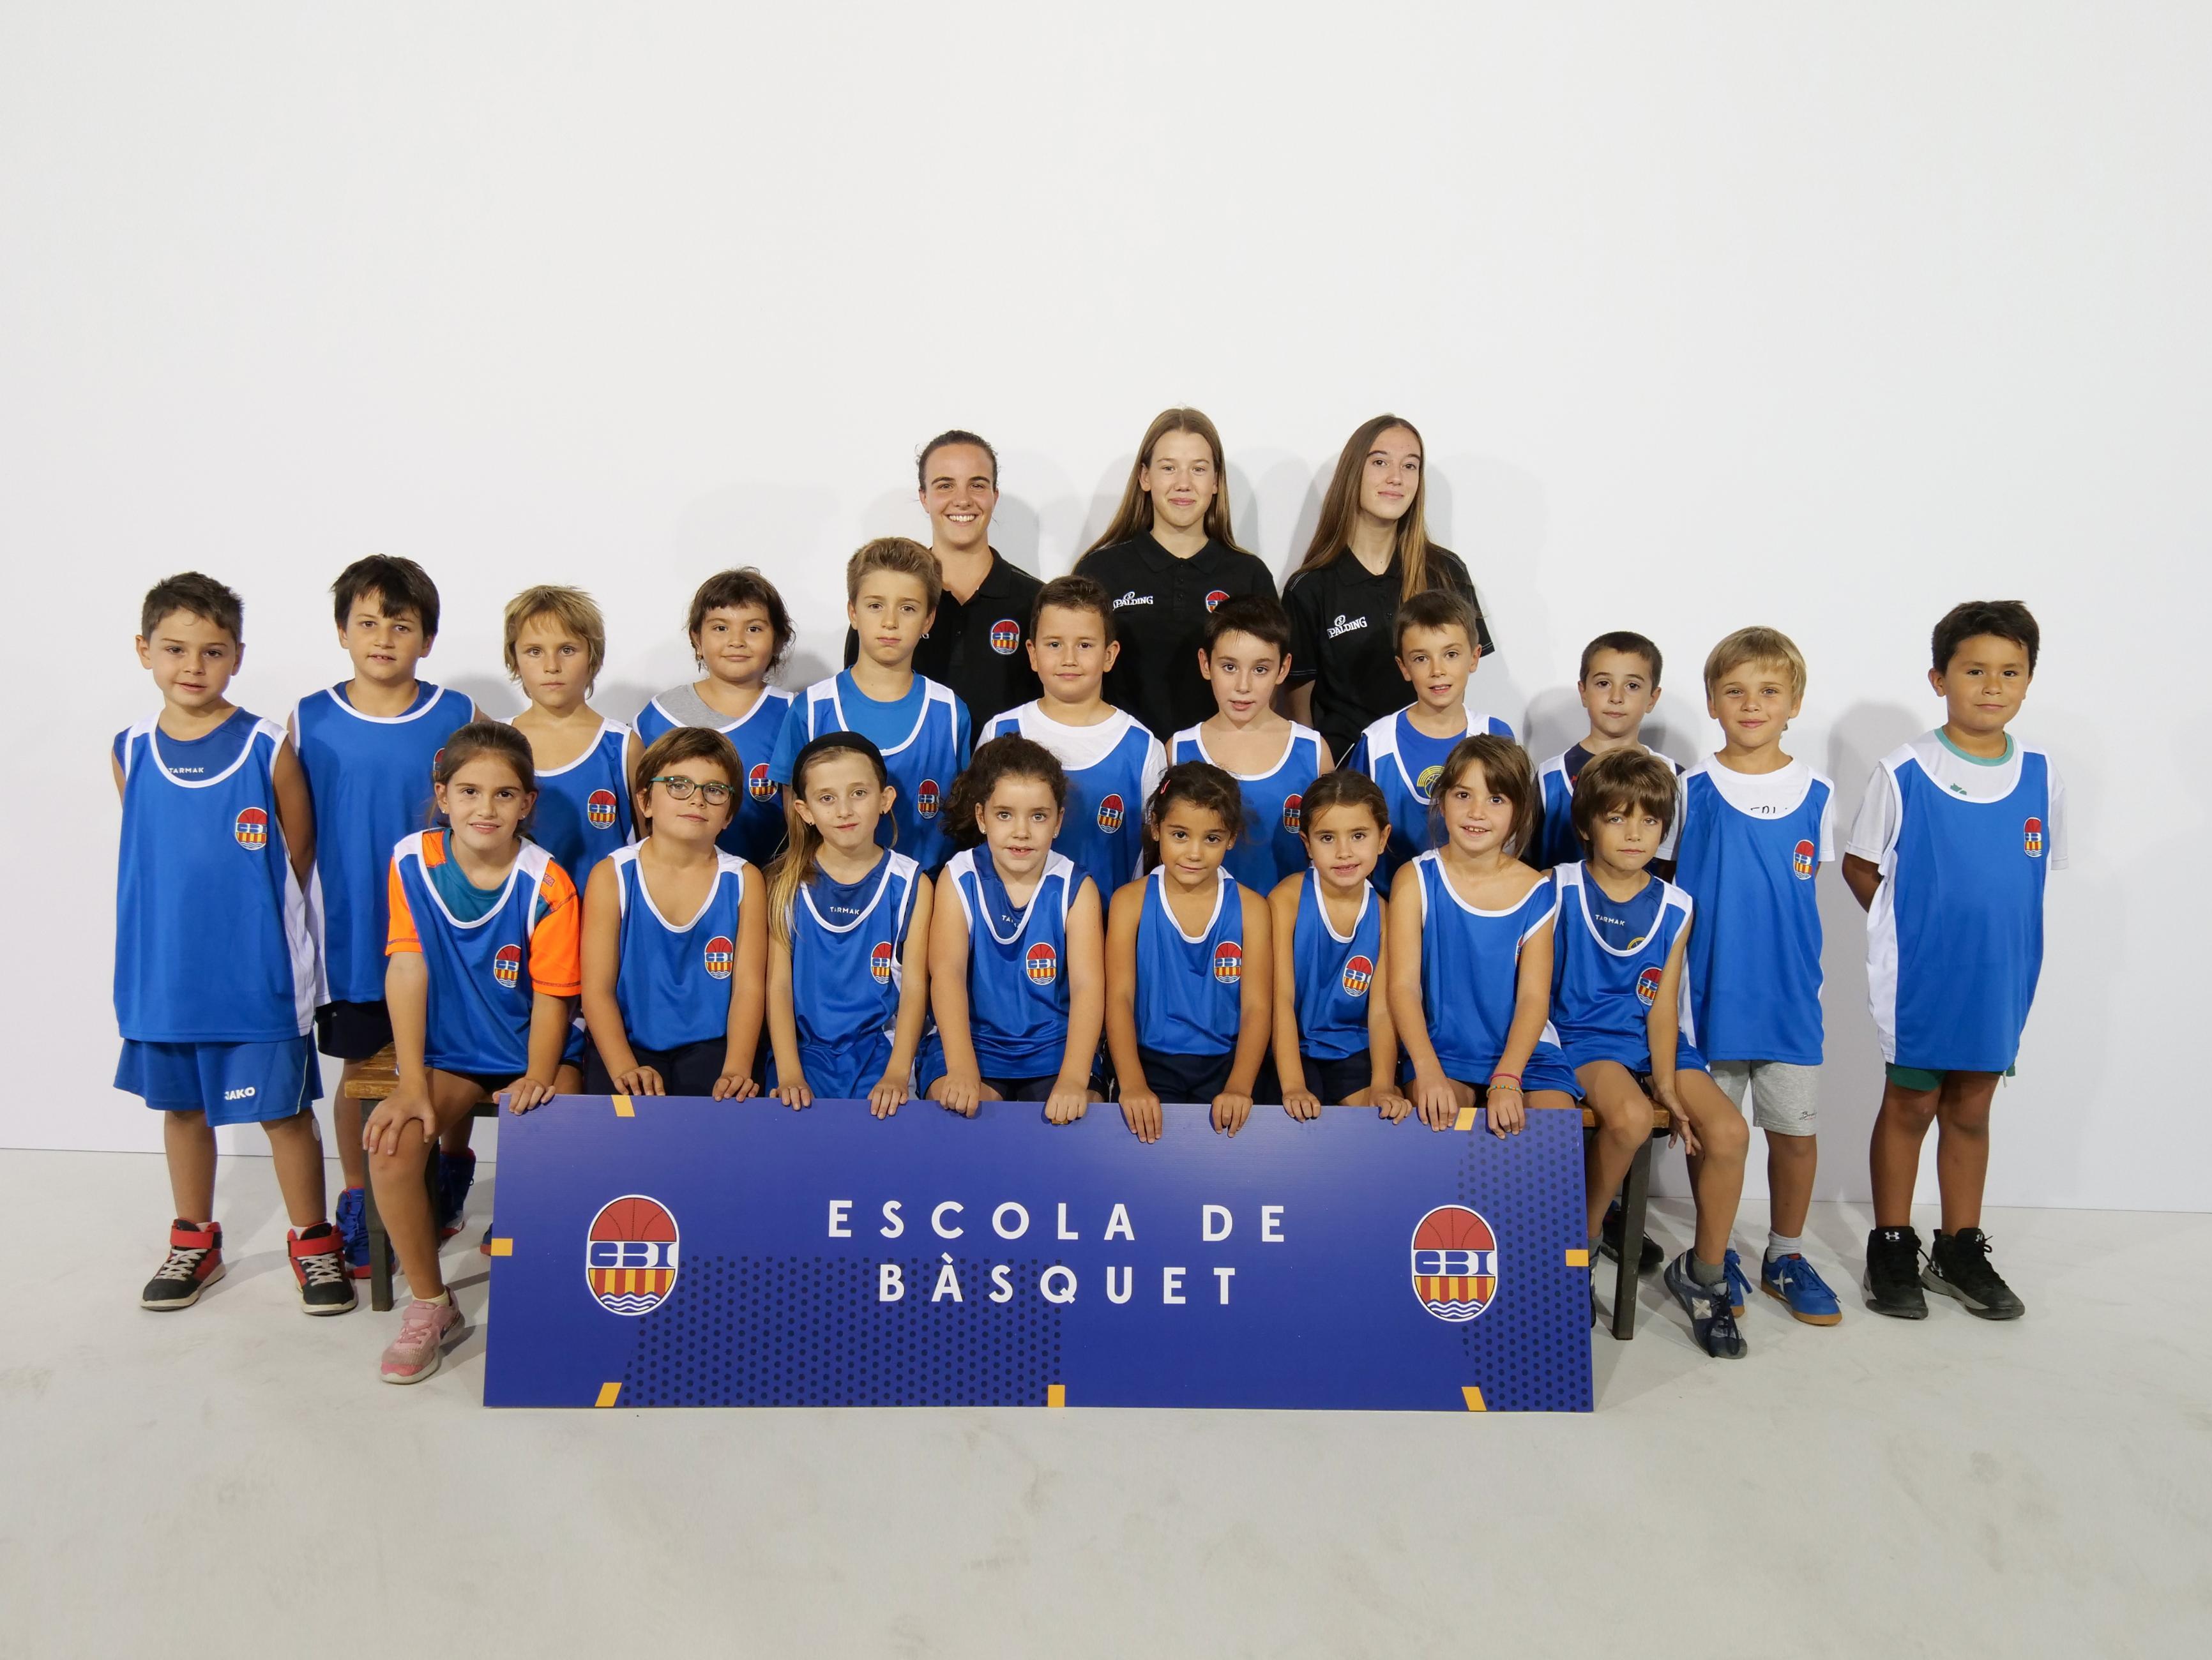 Escola de bàsquet Mitjans mixte